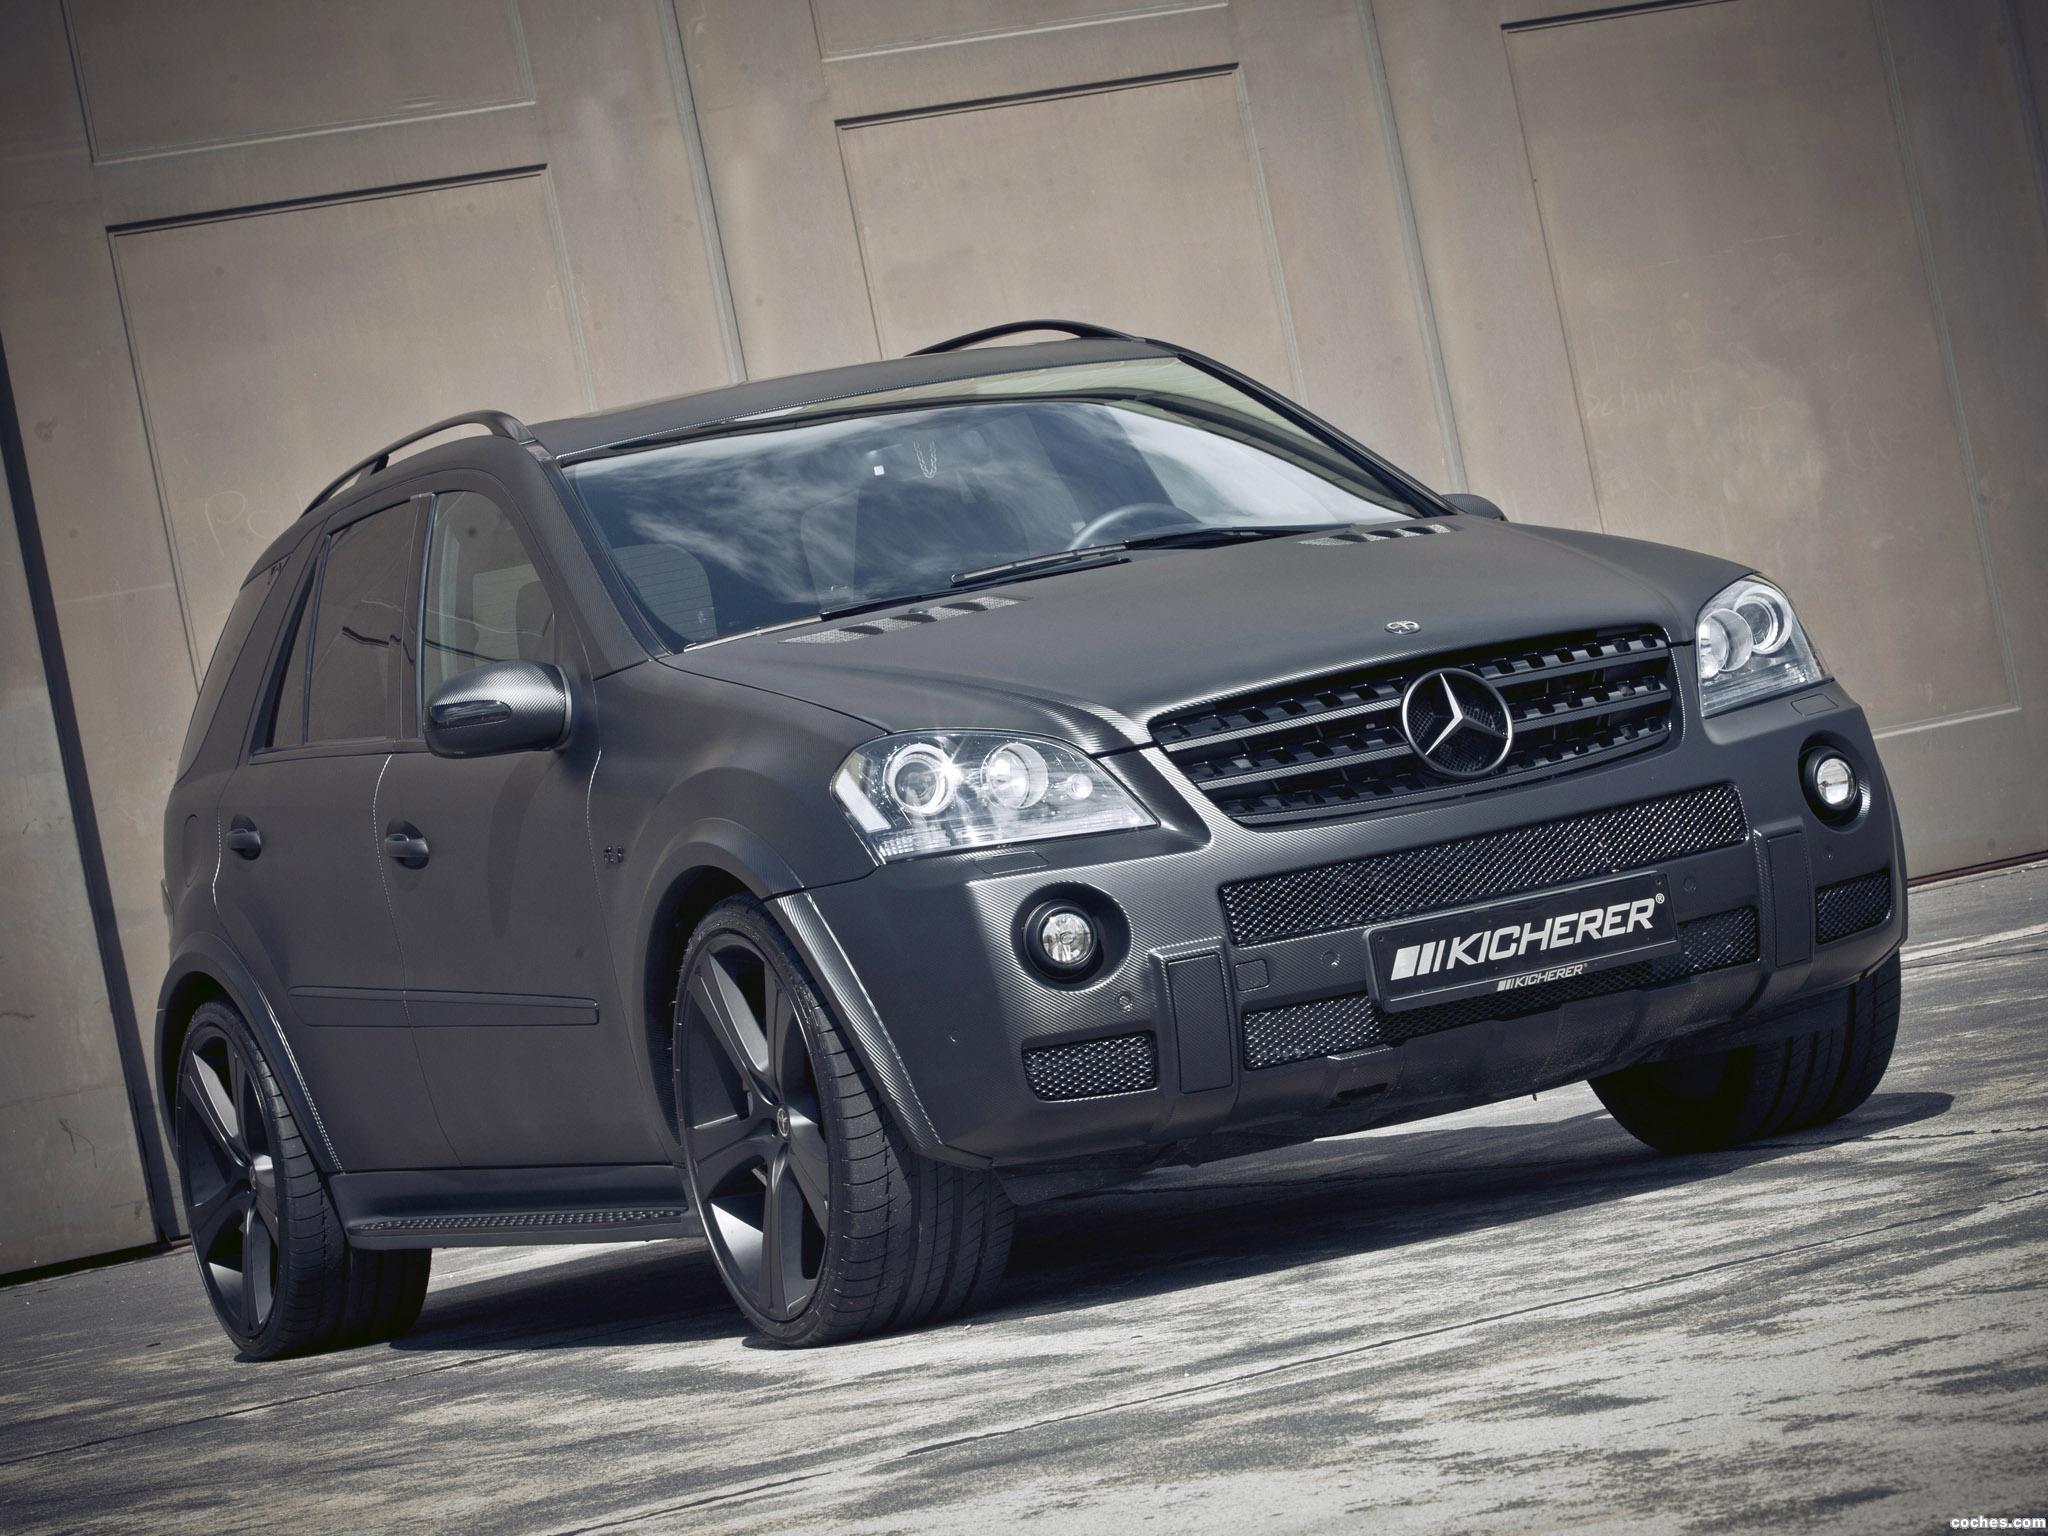 Foto 0 de Kicherer Mercedes AMG Clase ML ML63 W164 2011